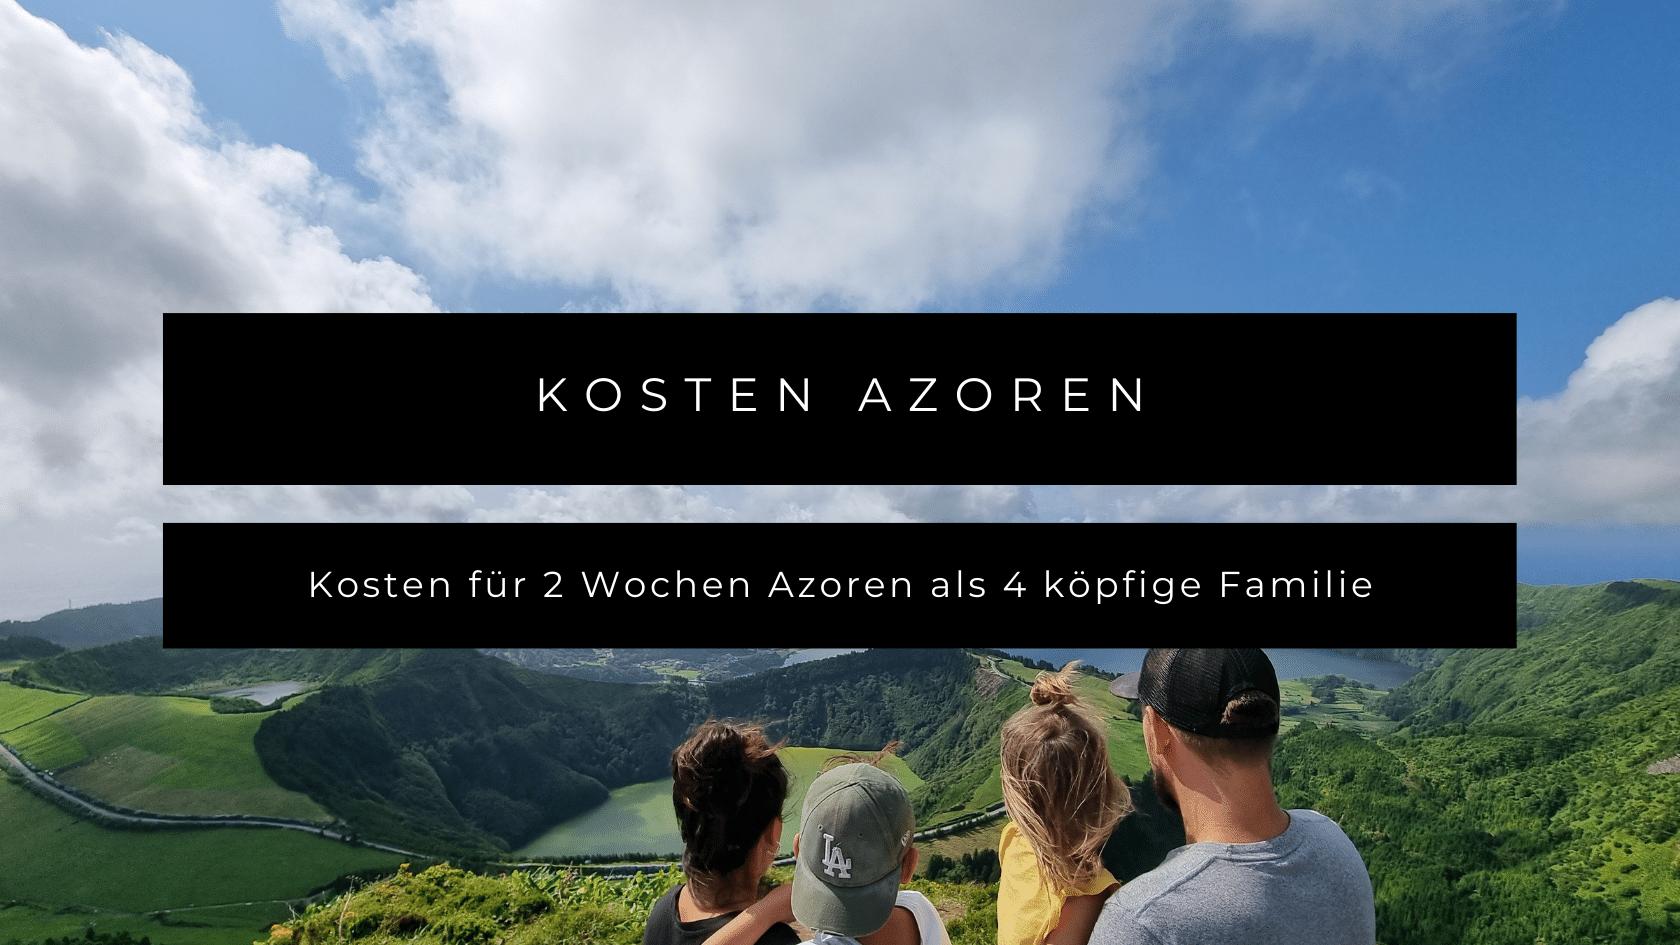 Kosten Azoren als vierköpfige Familie